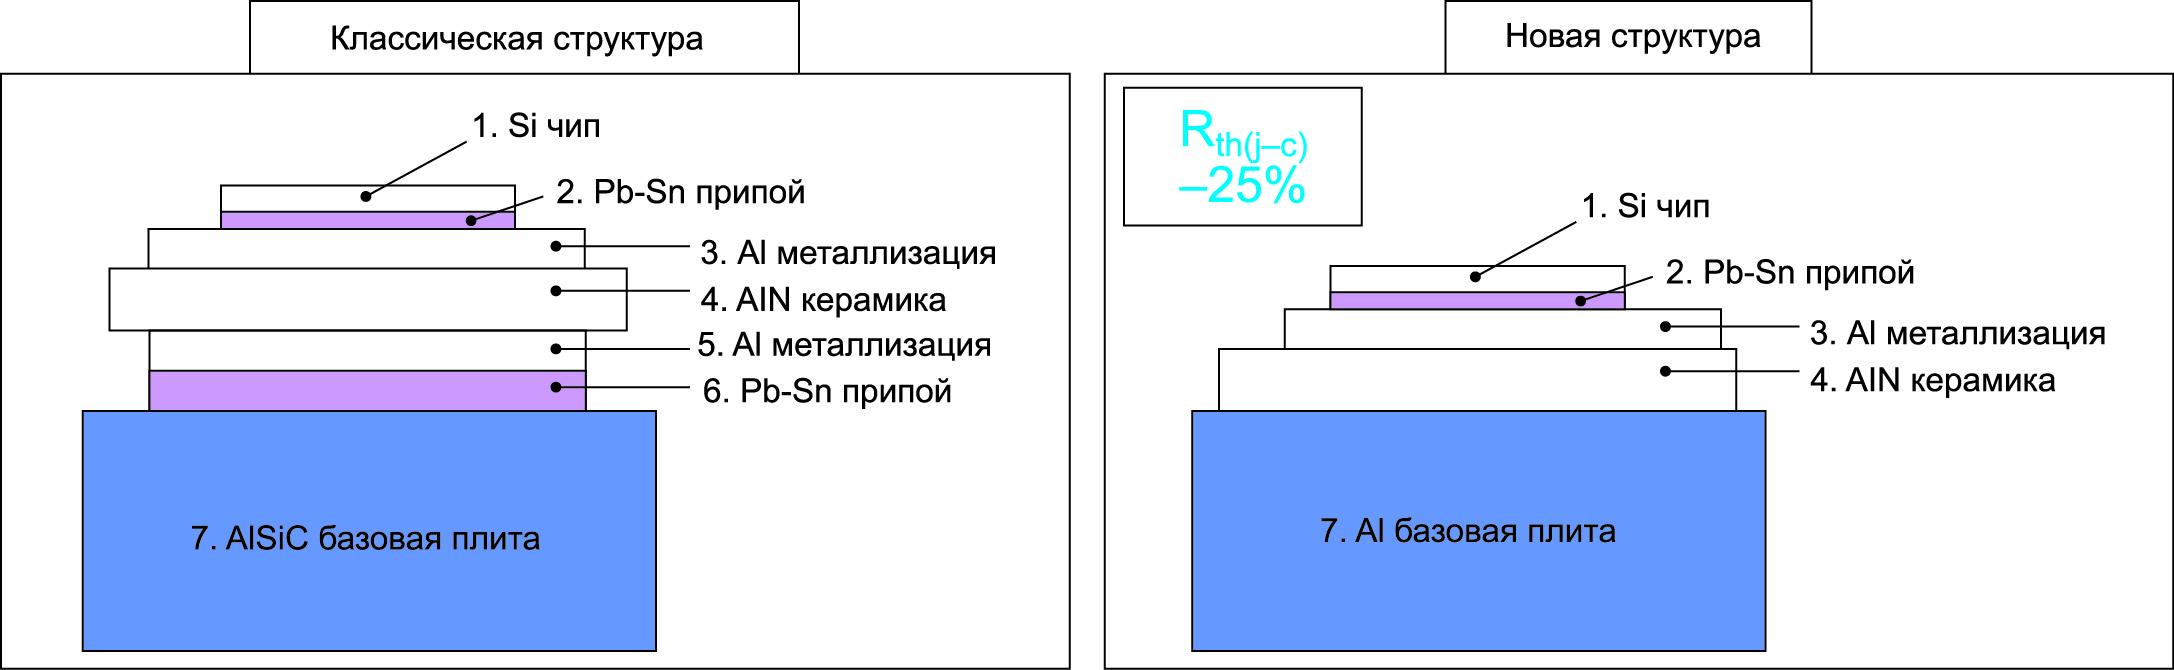 Сравнение структуры модулей